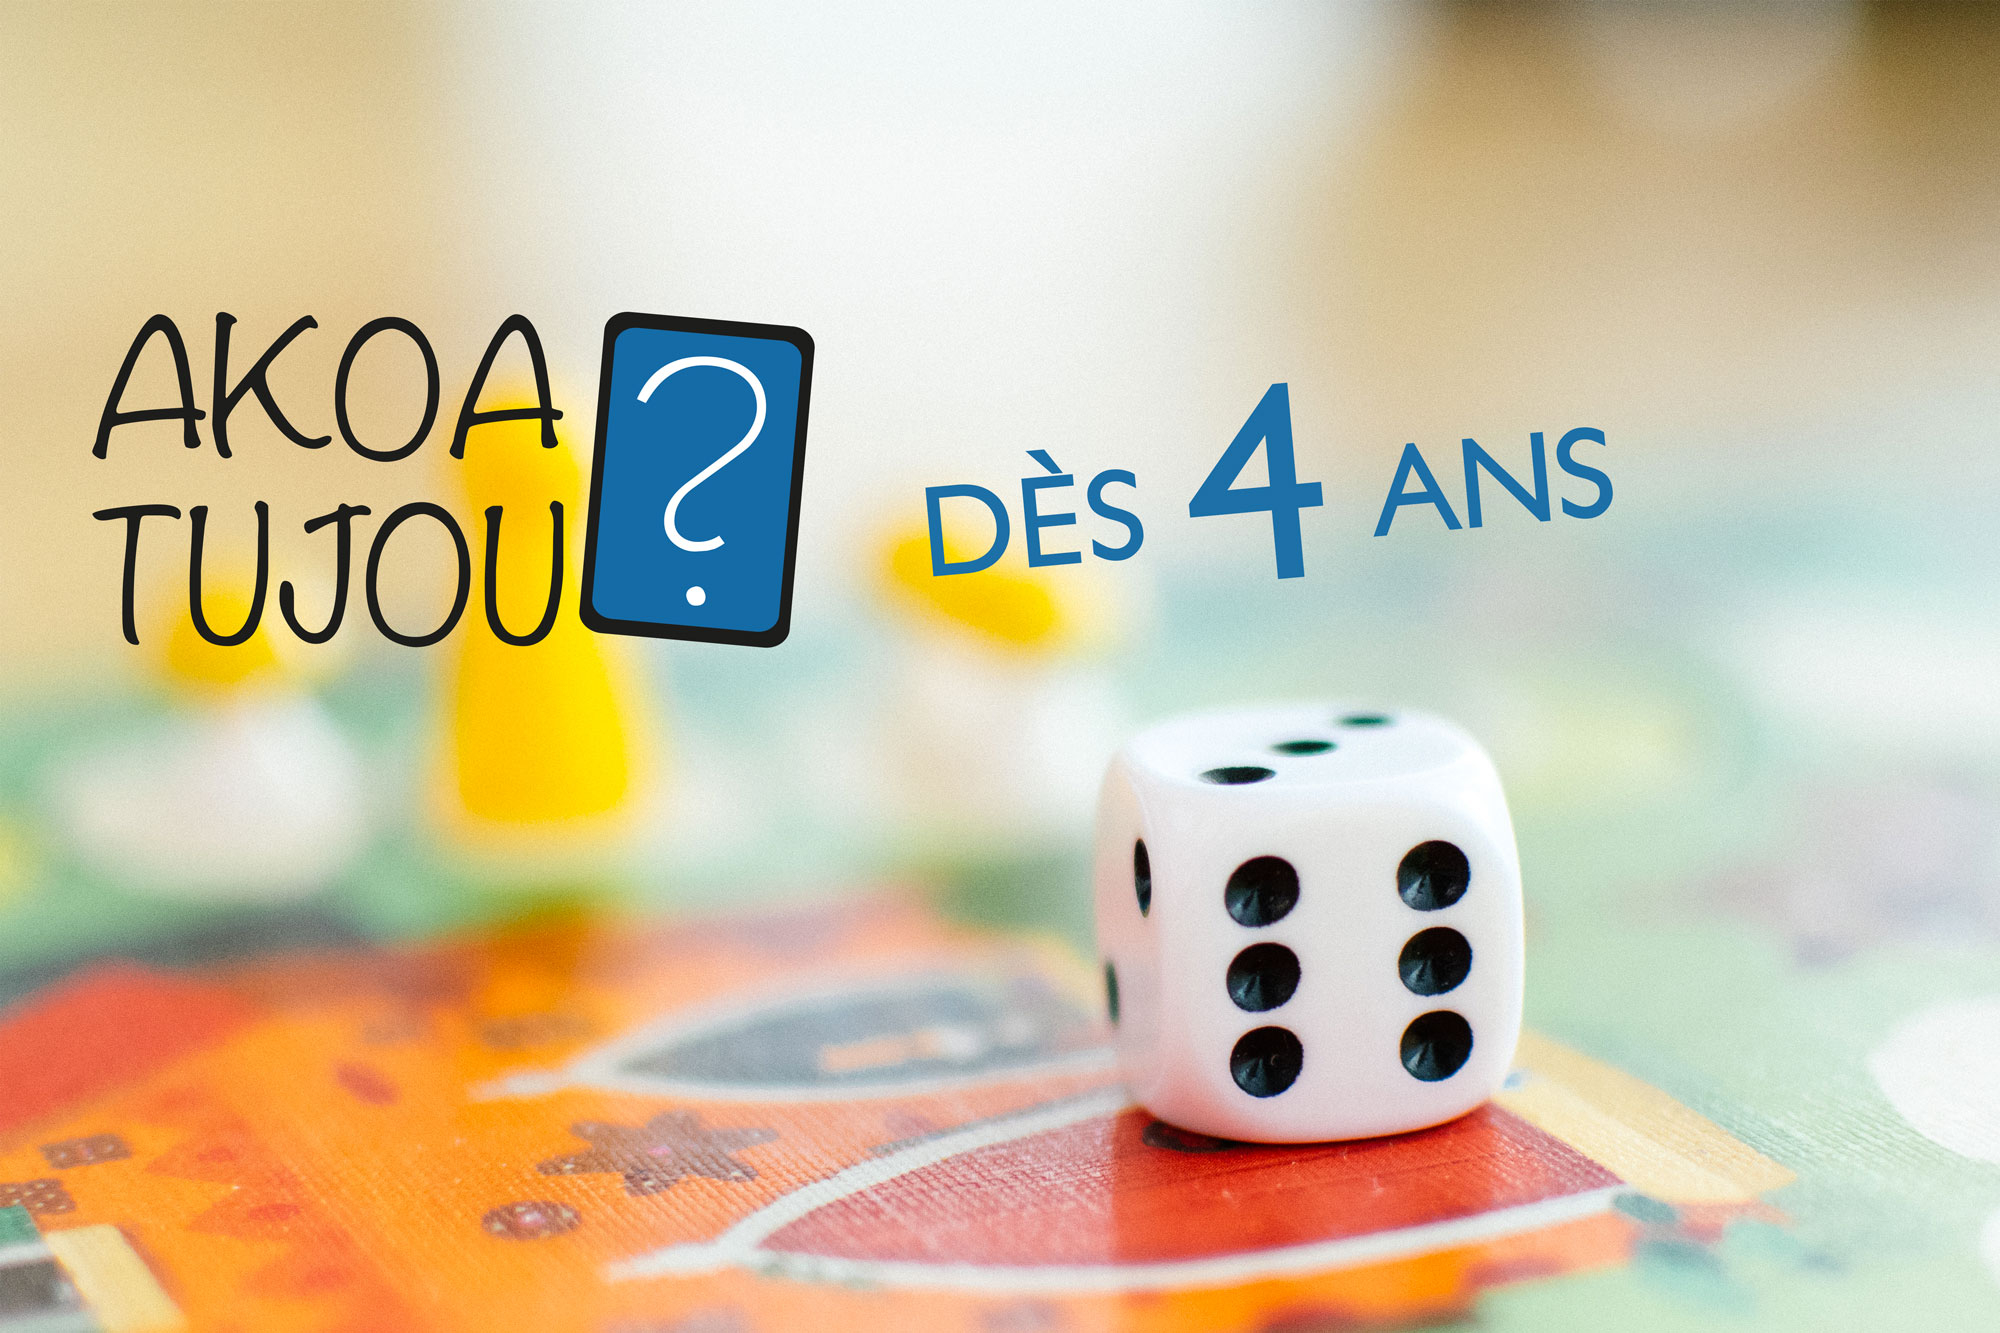 Nos Jeux De Société Dès 4 Ans - Jeux Pour Enfants - Akoa Tujou concernant Jeu De 4 Images